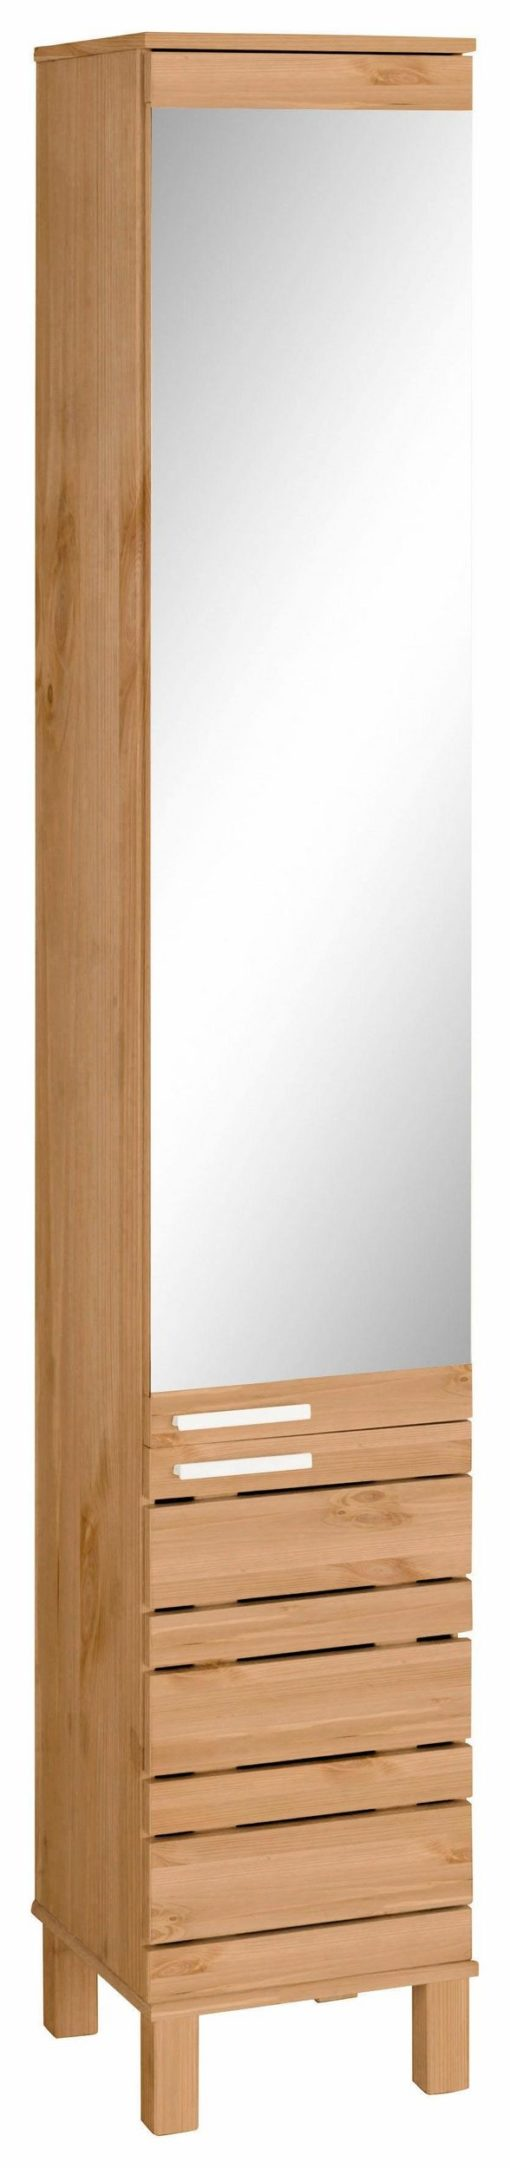 Praktyczna szafka-słupek, lite drewno z lustrem